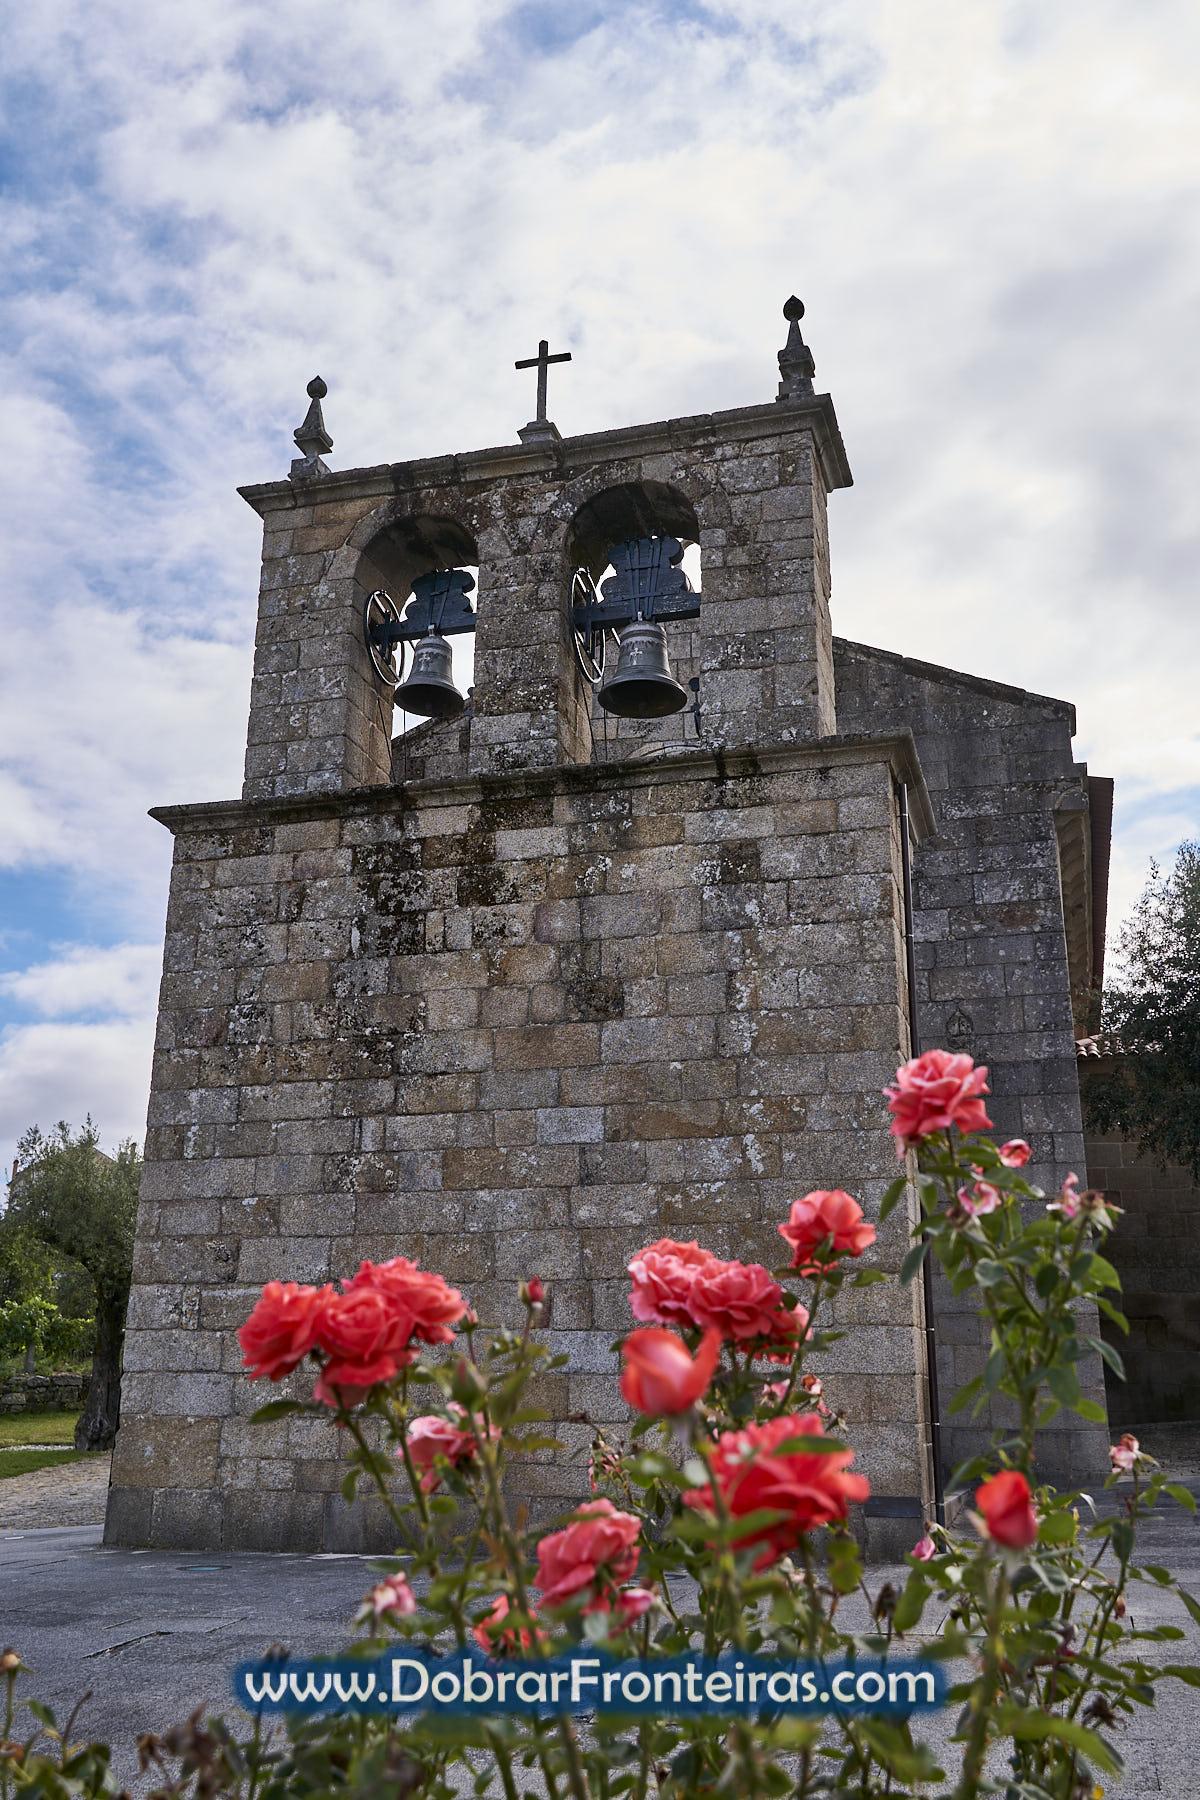 Torre de igreja com sinos e rosas